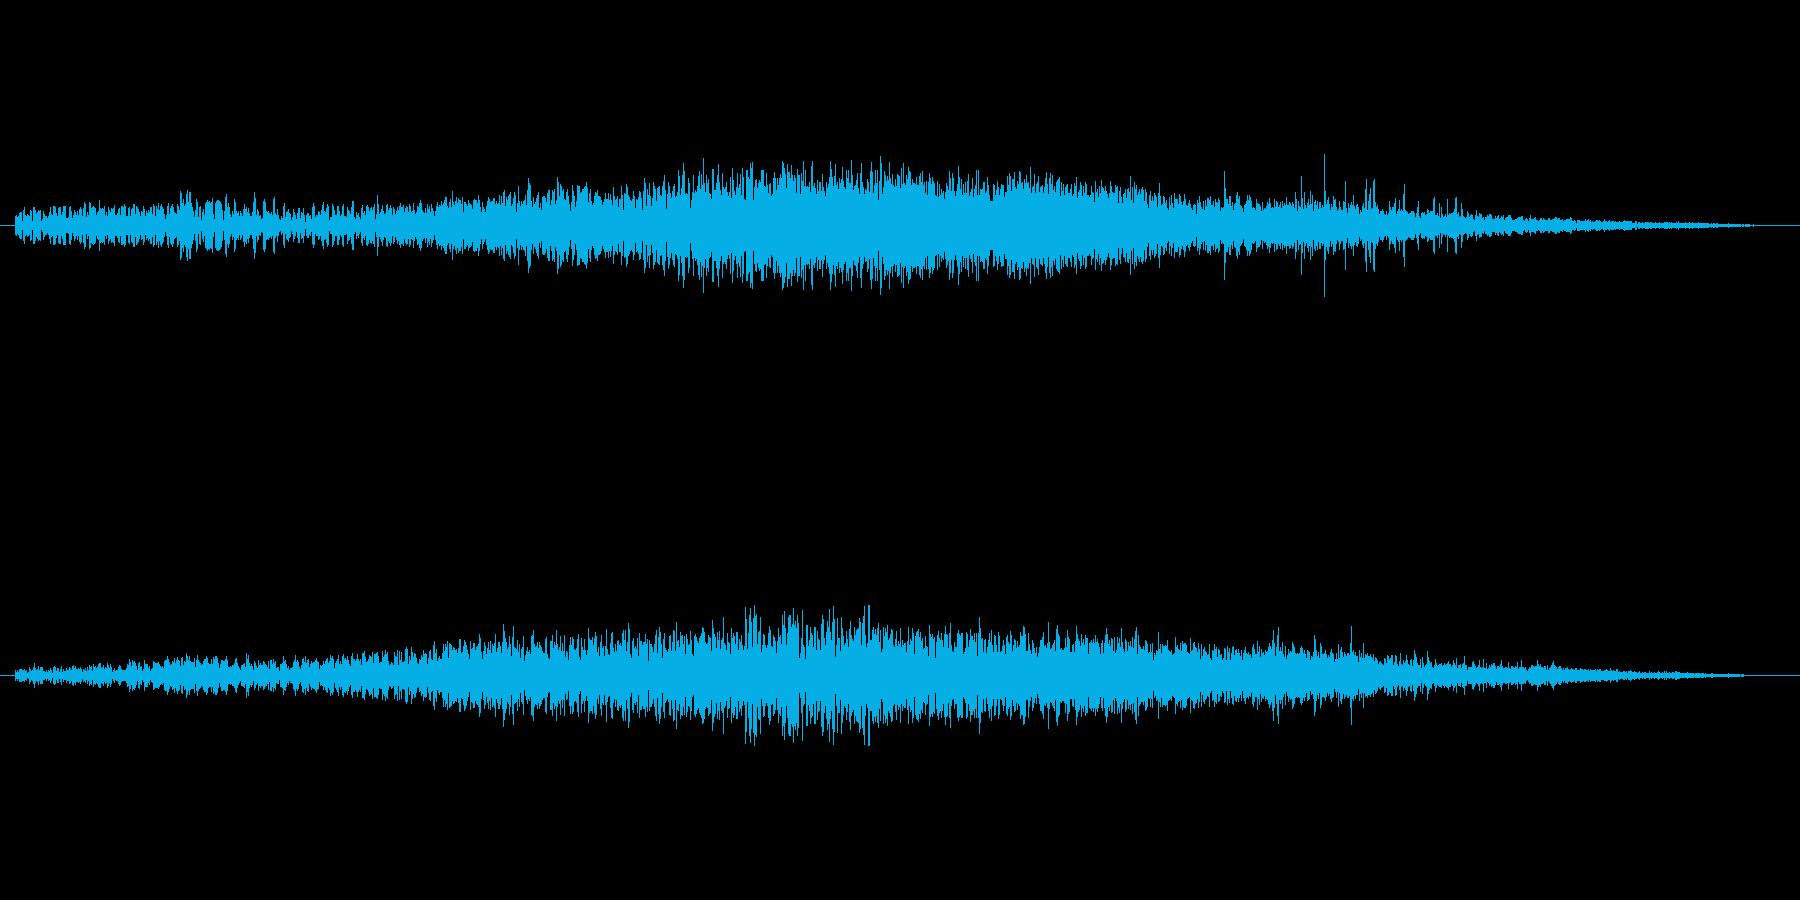 水中にいるようなミステリアスな音楽の再生済みの波形